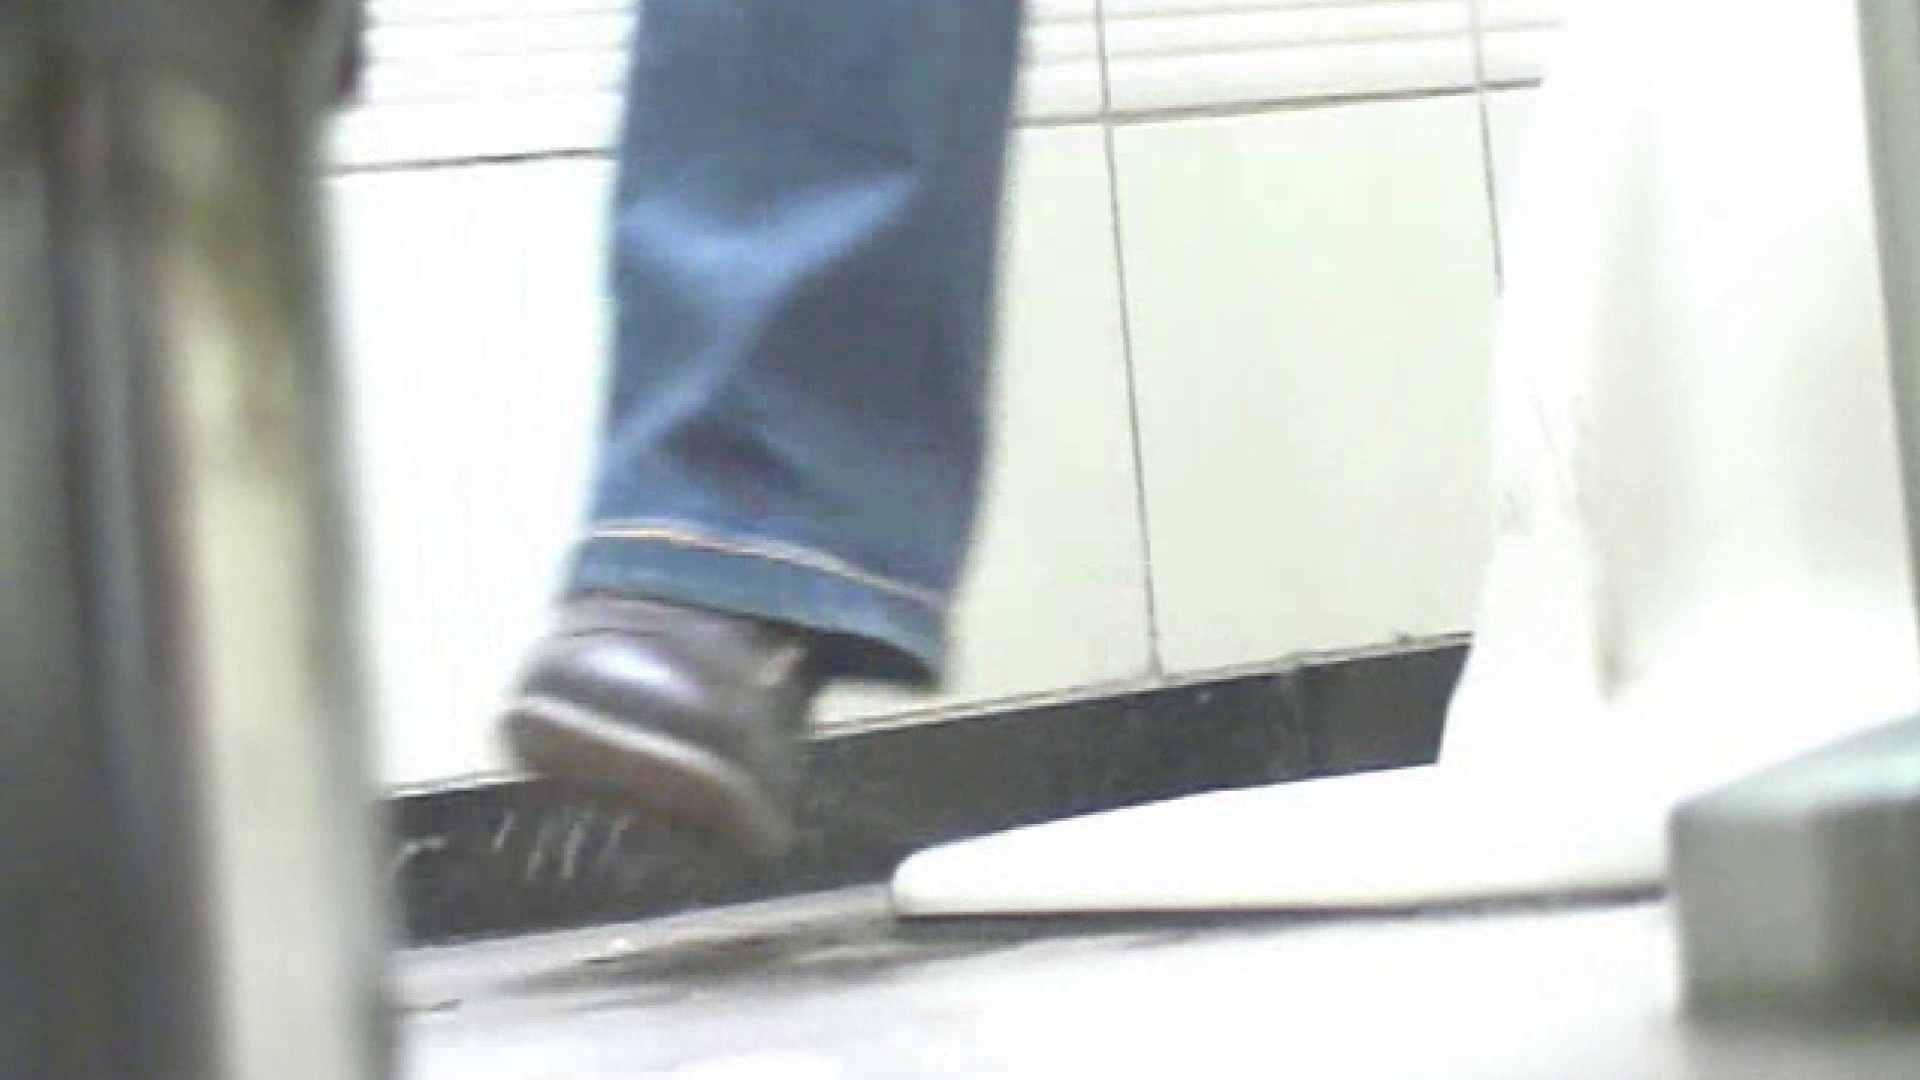 ロックハンドさんの盗撮記録File.02 マンコエロすぎ ワレメ動画紹介 109PIX 99